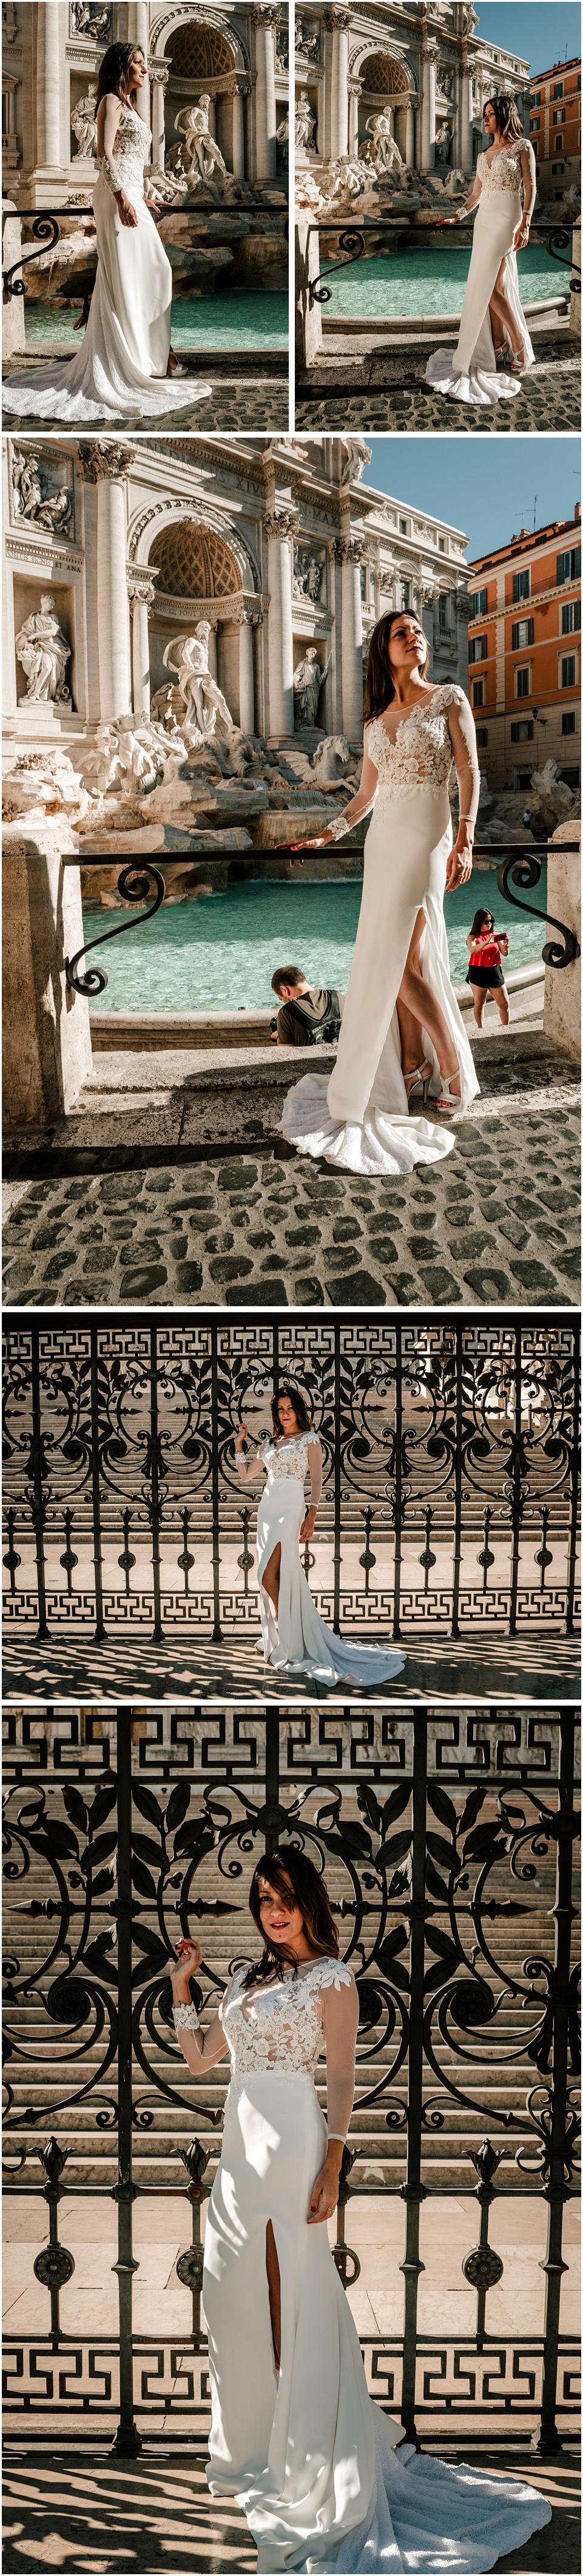 Una novia en la fontana di Trevi